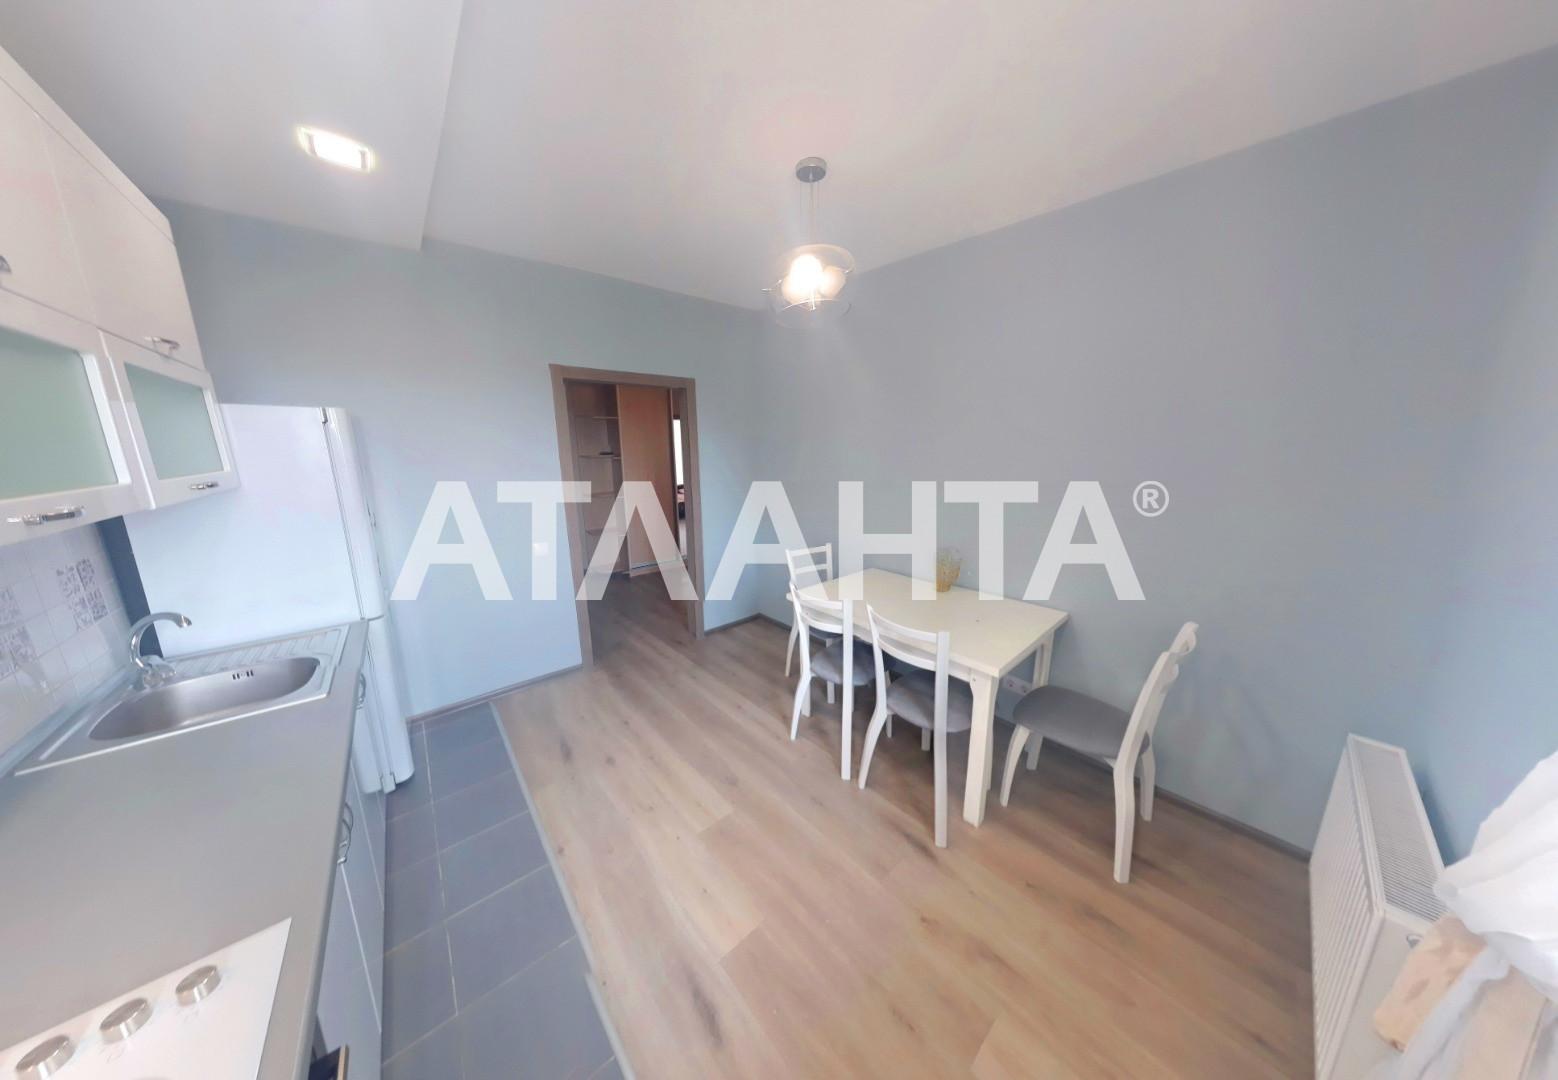 Продается 2-комнатная Квартира на ул. Ул. Вильямса — 130 000 у.е. (фото №16)